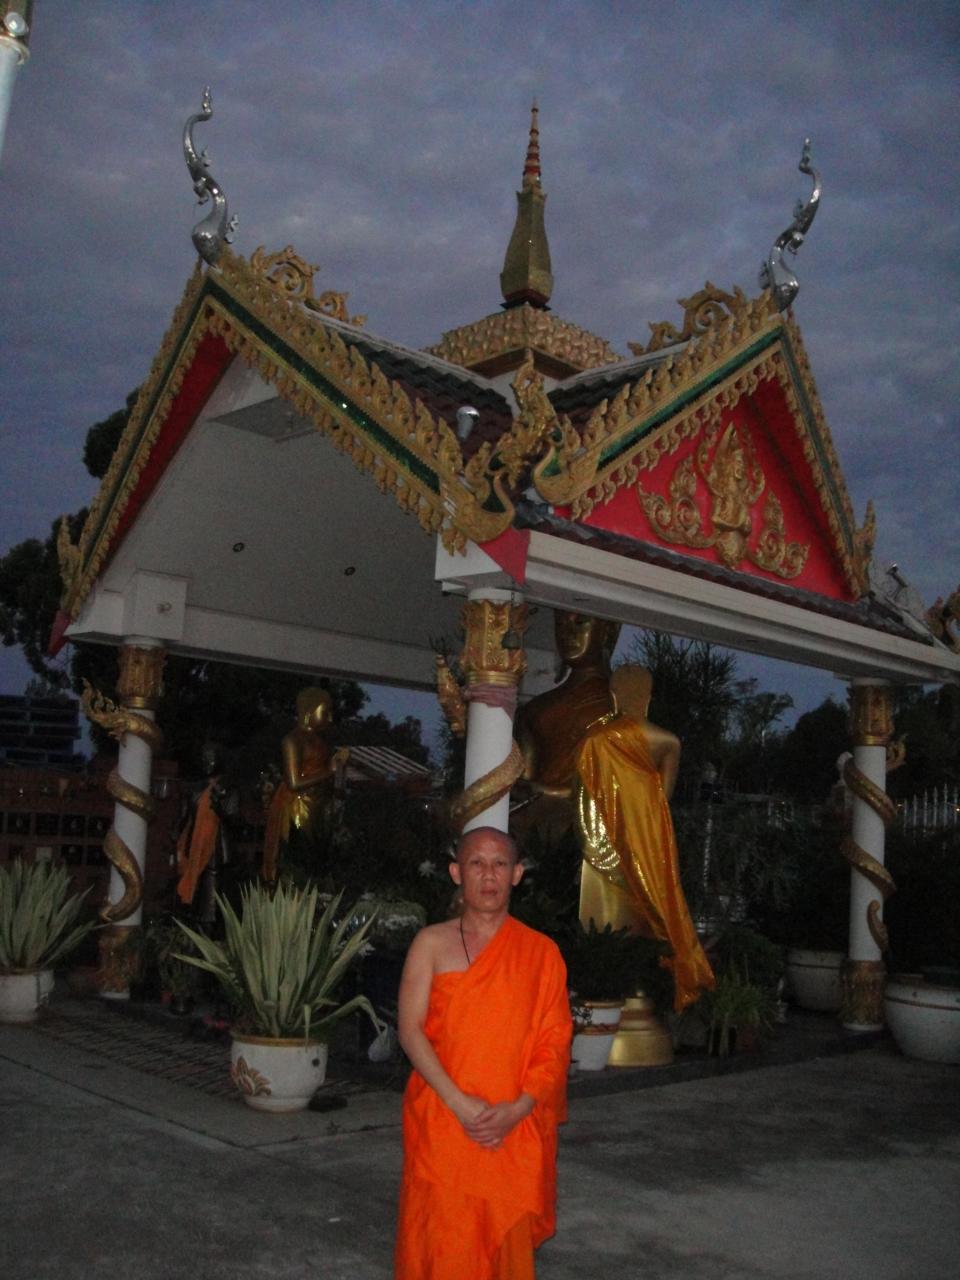 Ven.Asadachanh at Temple 19